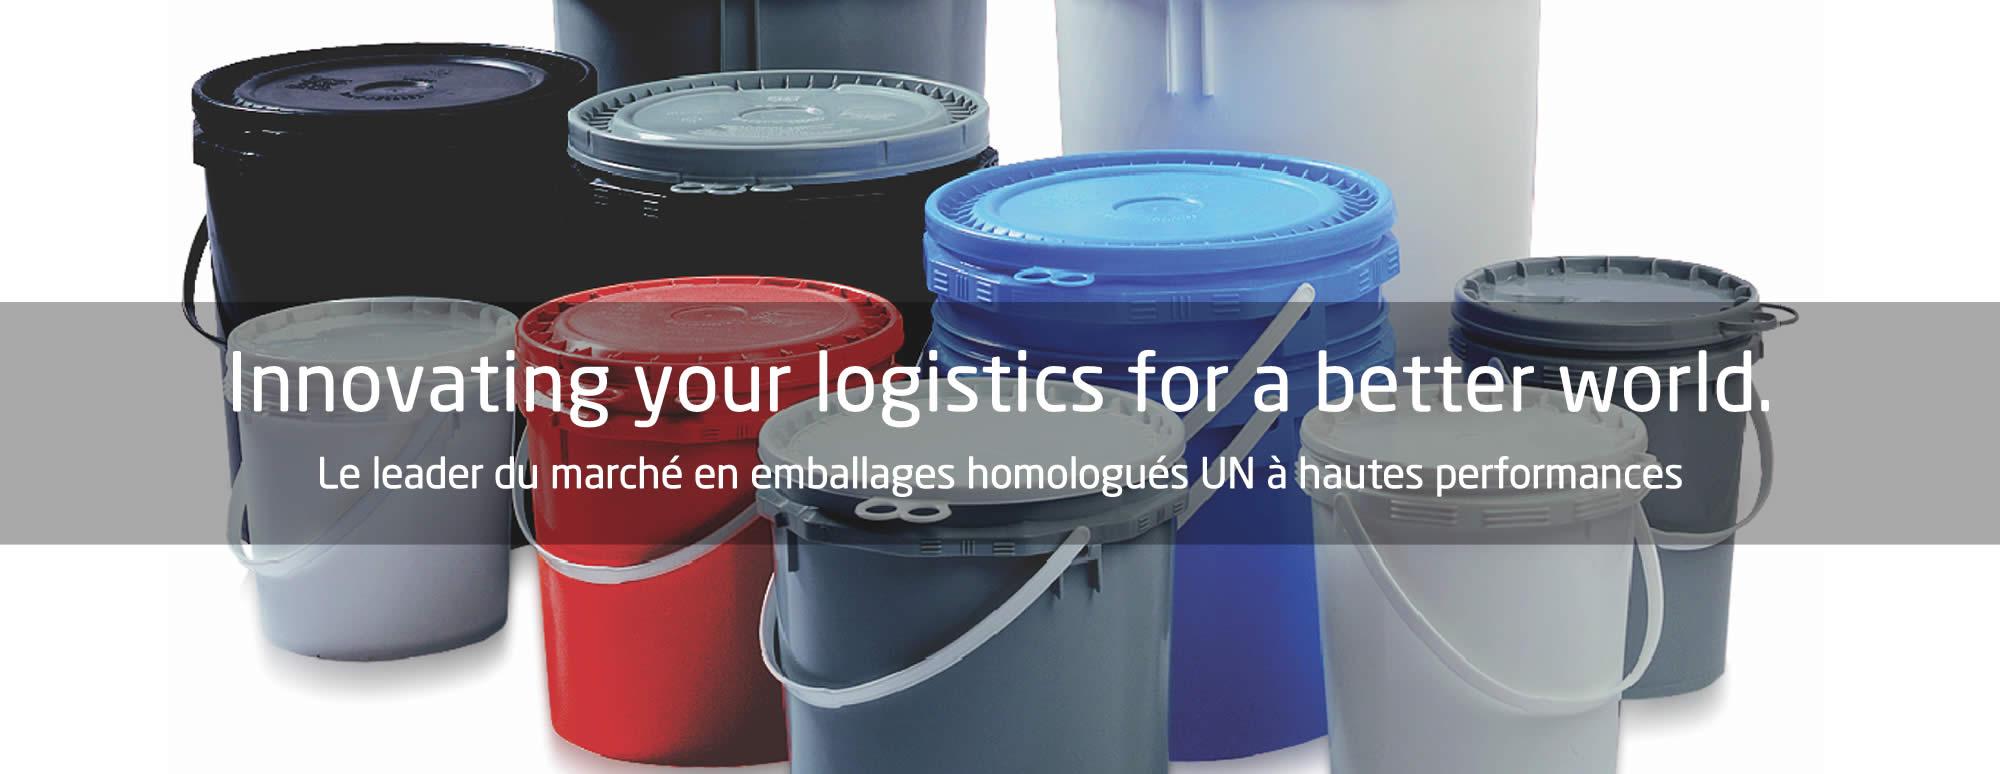 Containers UN Solide et Liquide